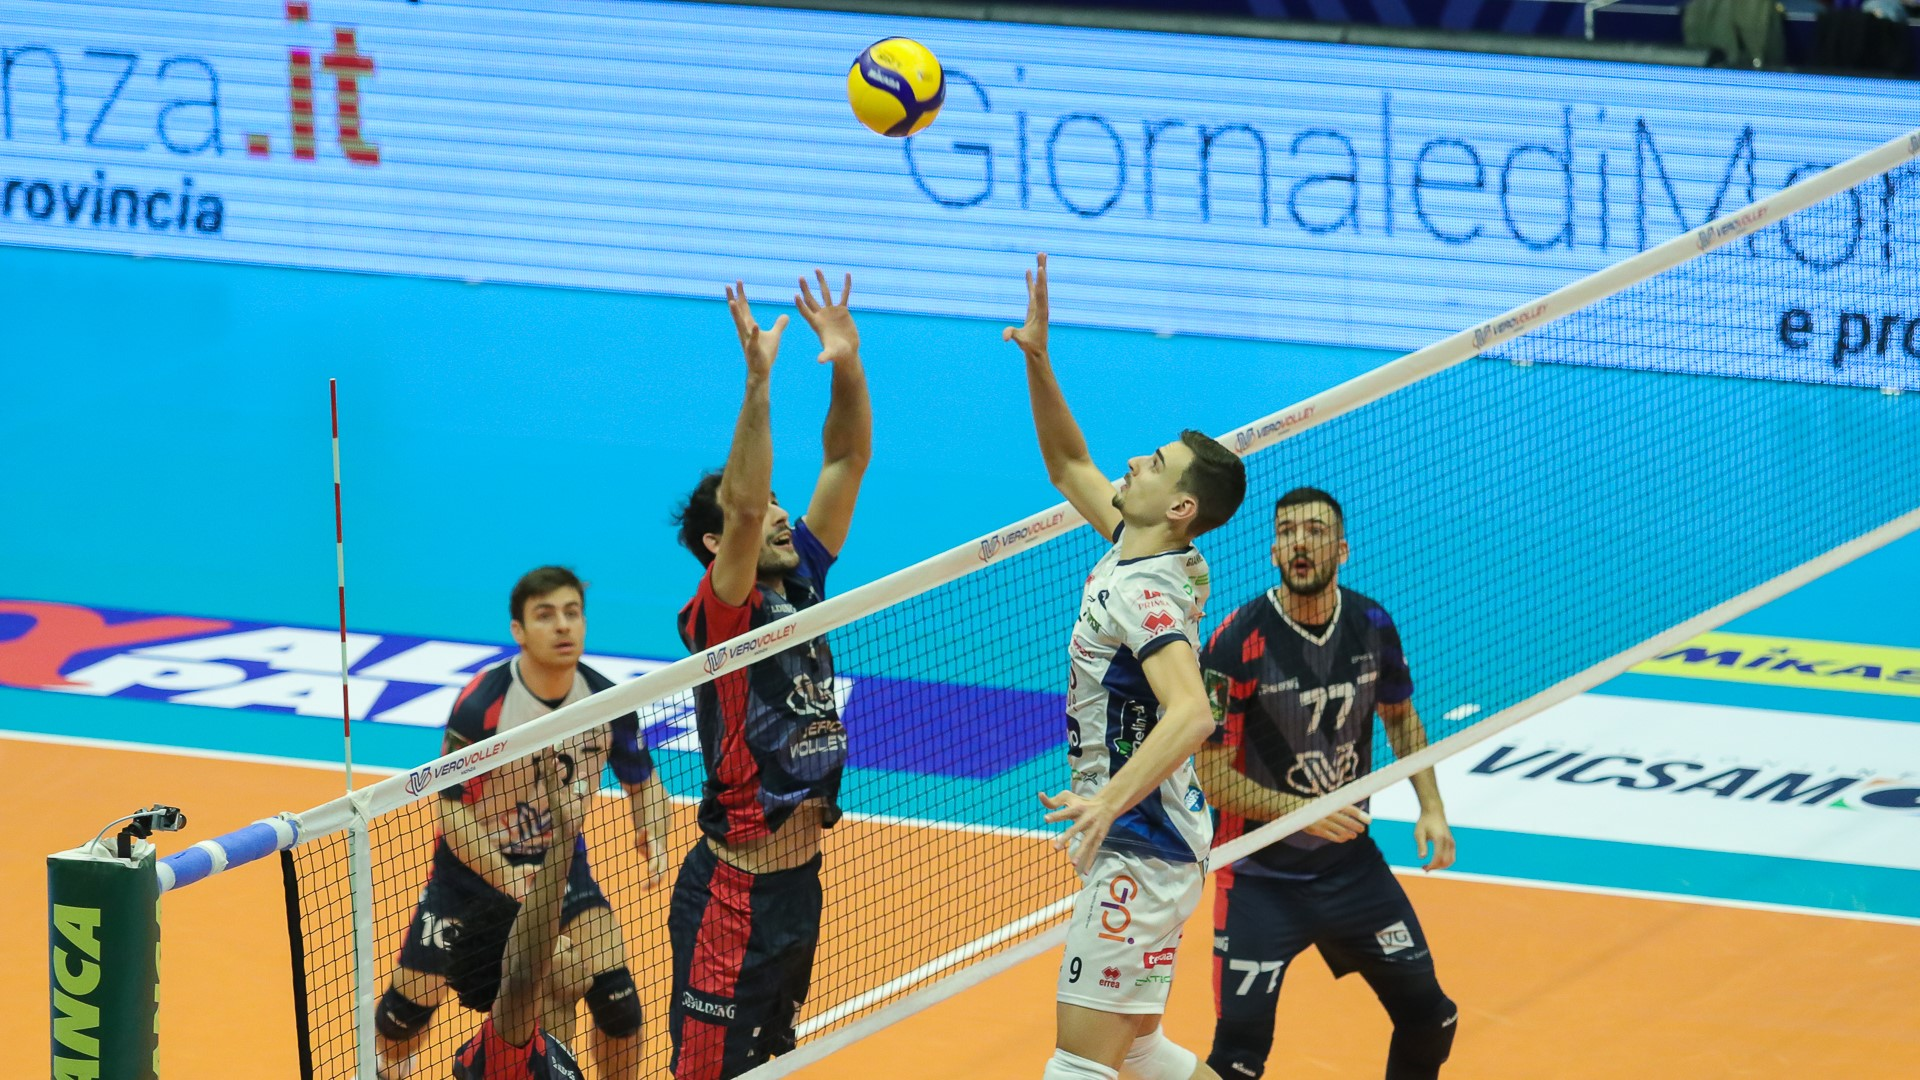 La Vero Volley Monza esce sconfitta contro l'Itas Trentino